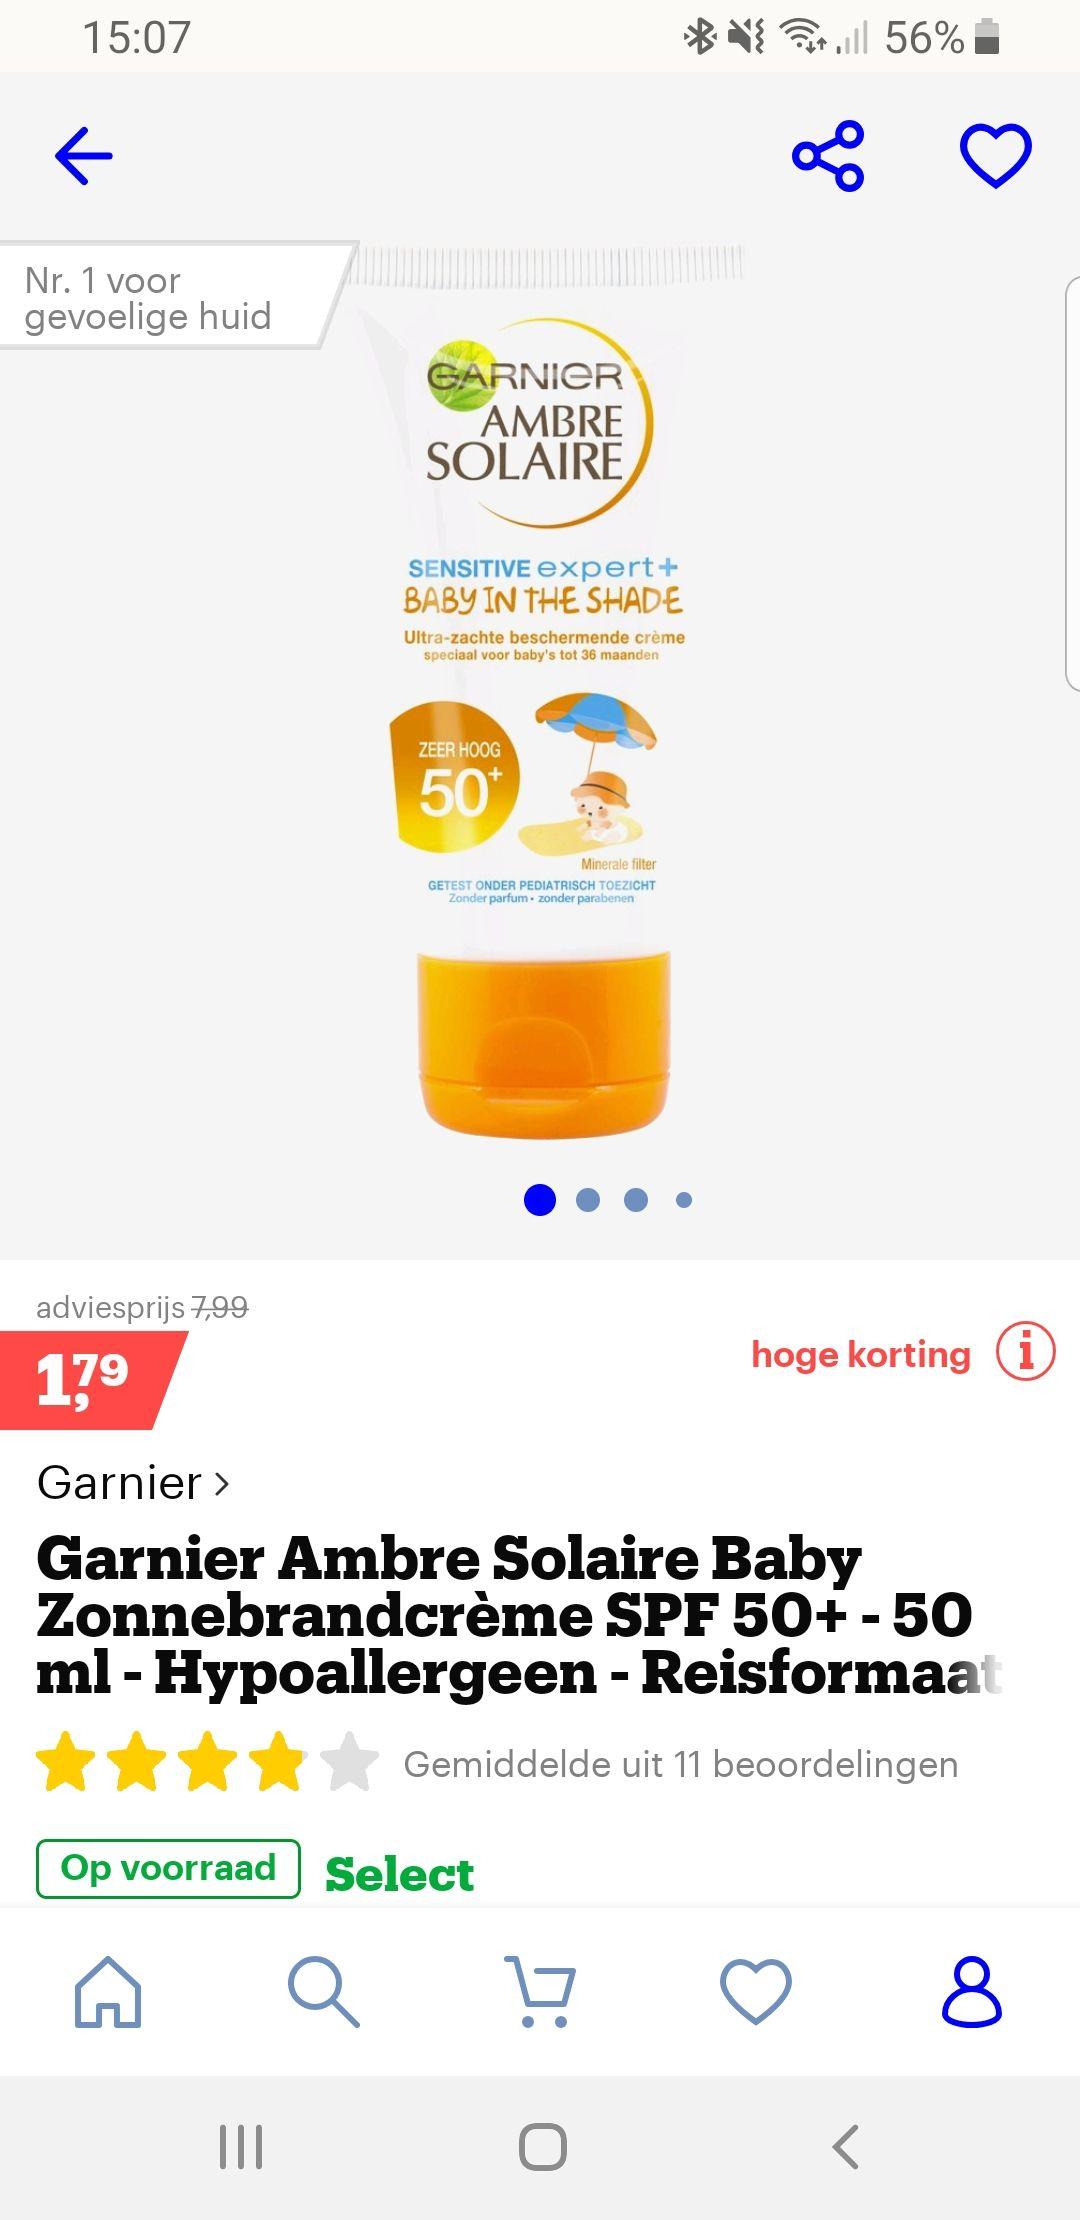 Ganier ambre solaire baby